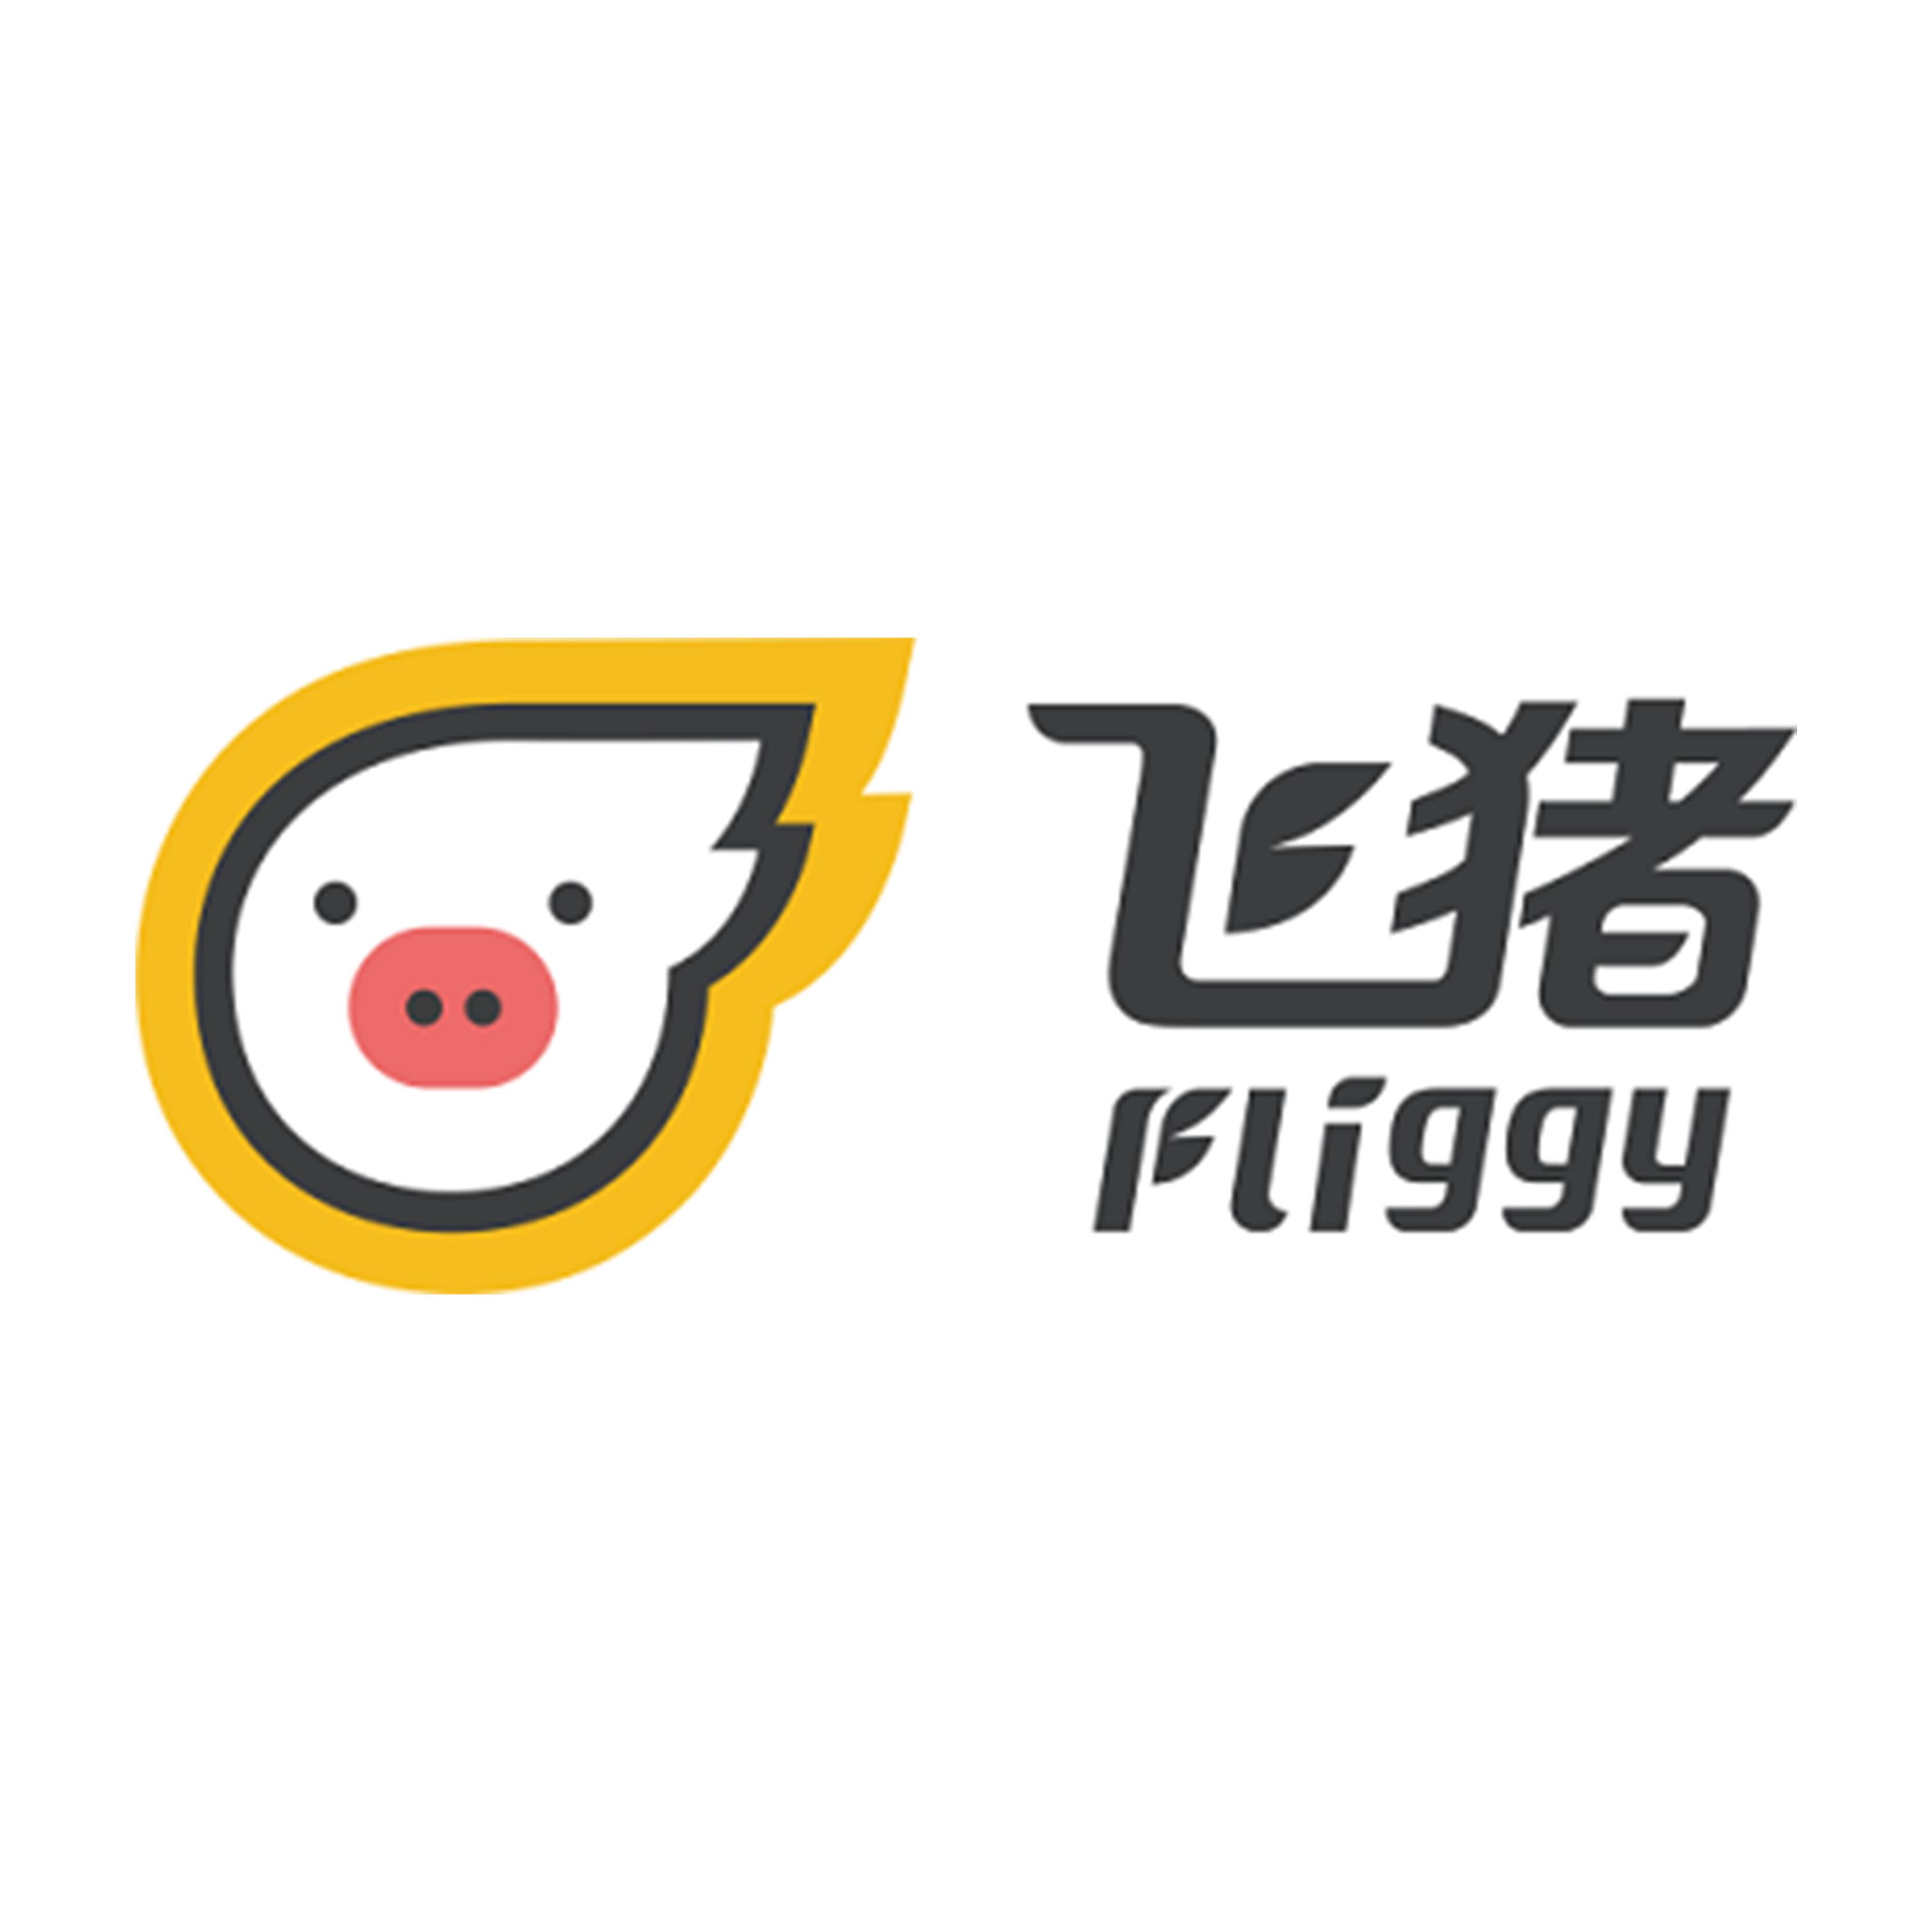 fliggy